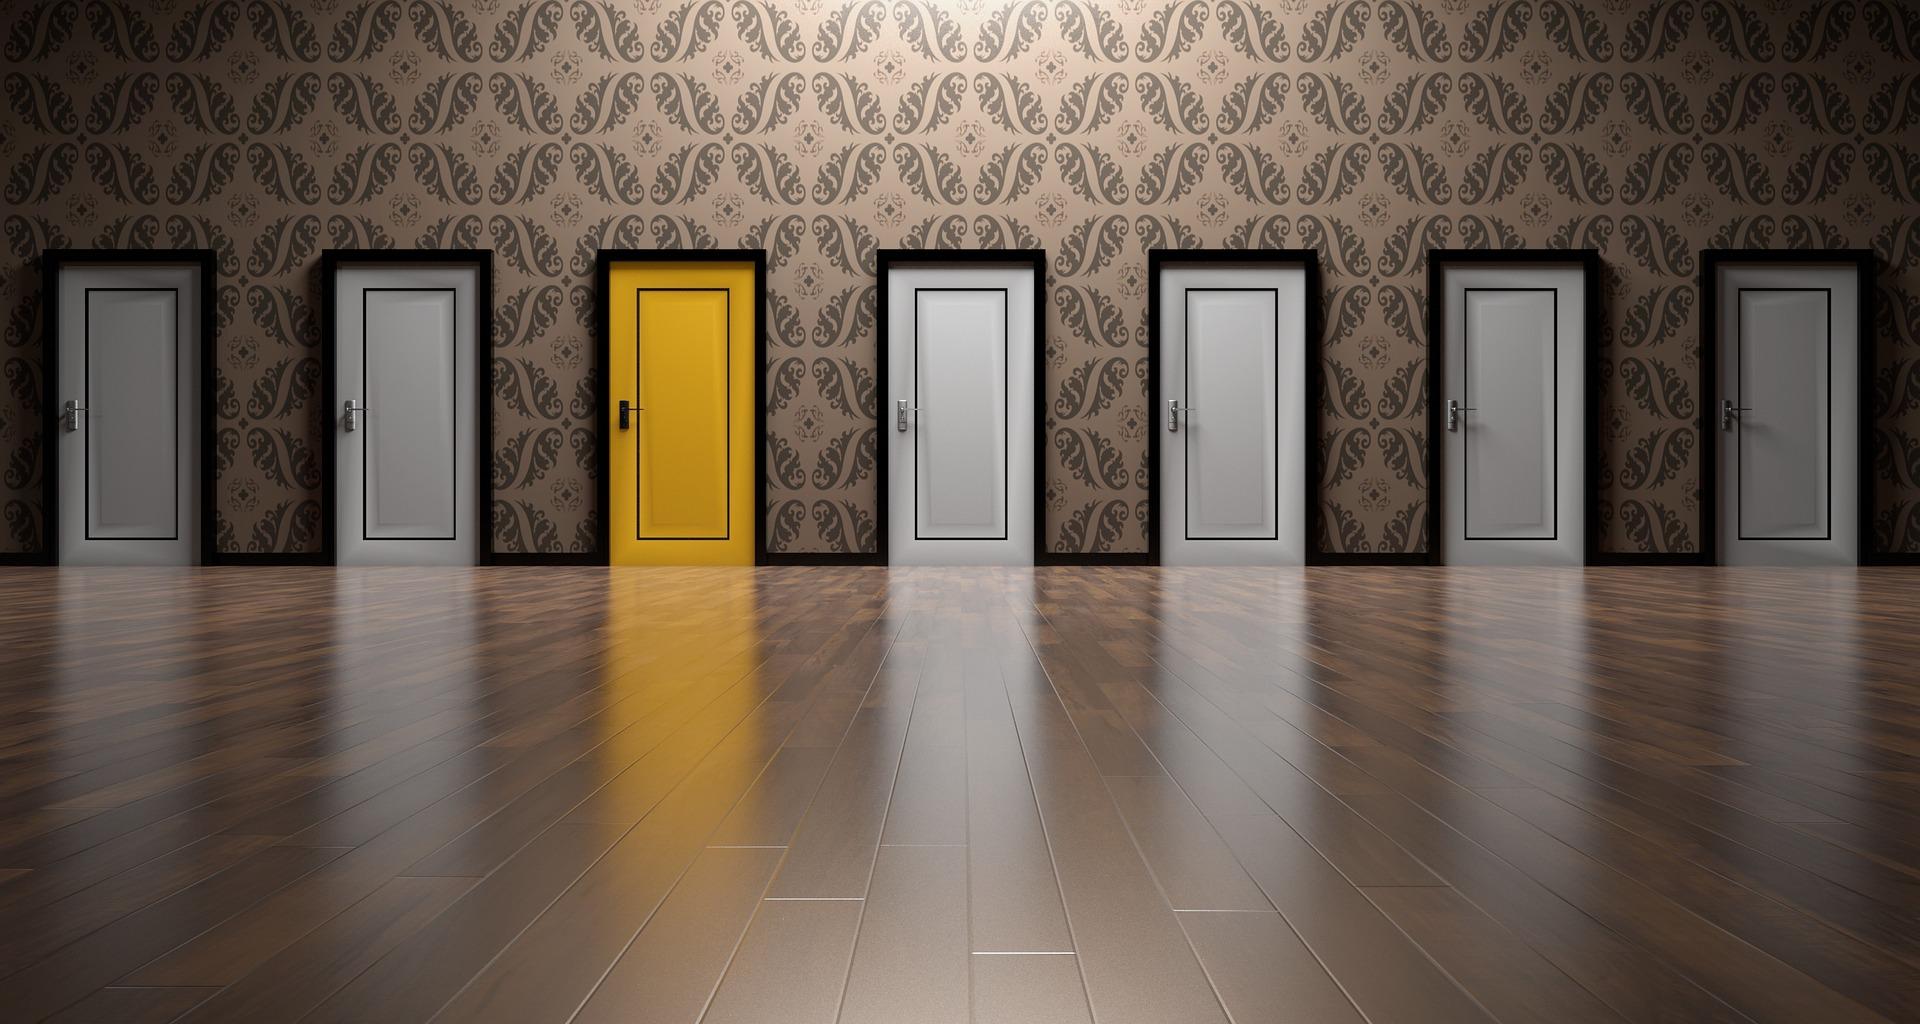 Proceso de selección: qué es y cómo funciona